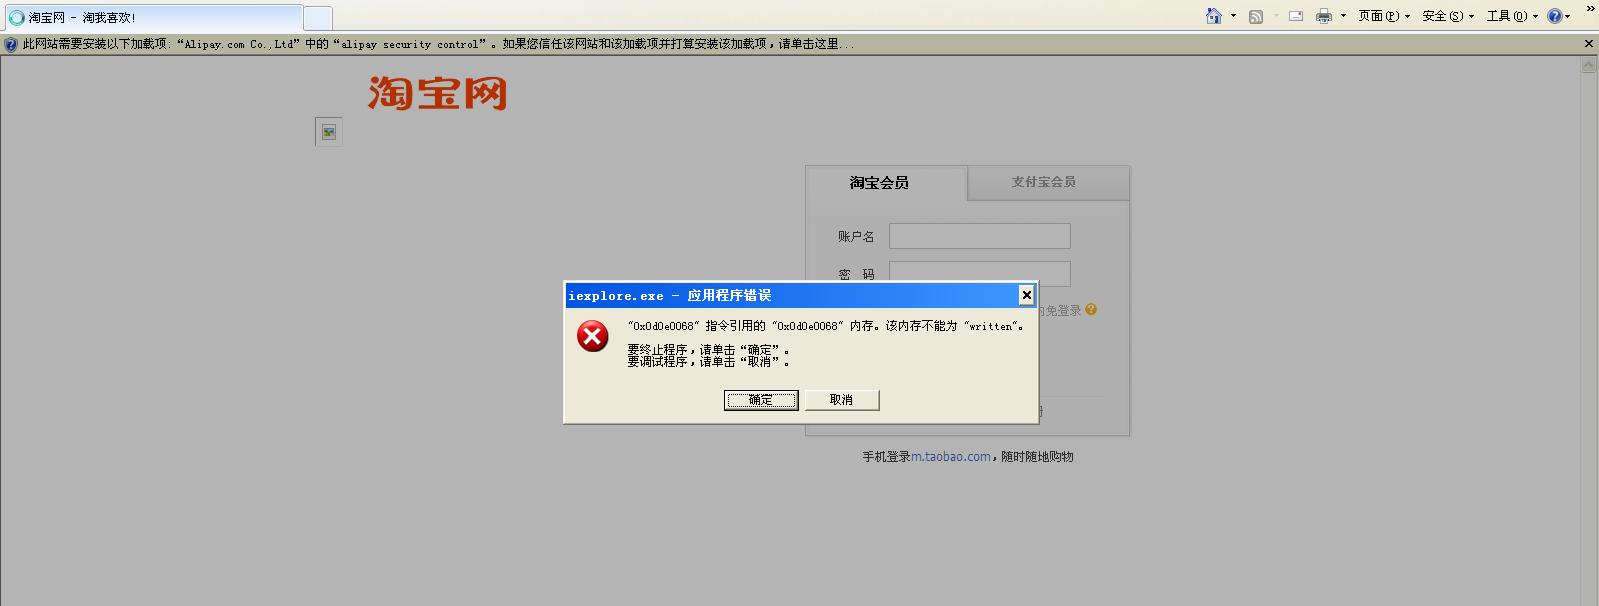 淘宝网页面论+�_(修复好了追加100)淘宝网主页可以打开 但是登陆页面无法显示